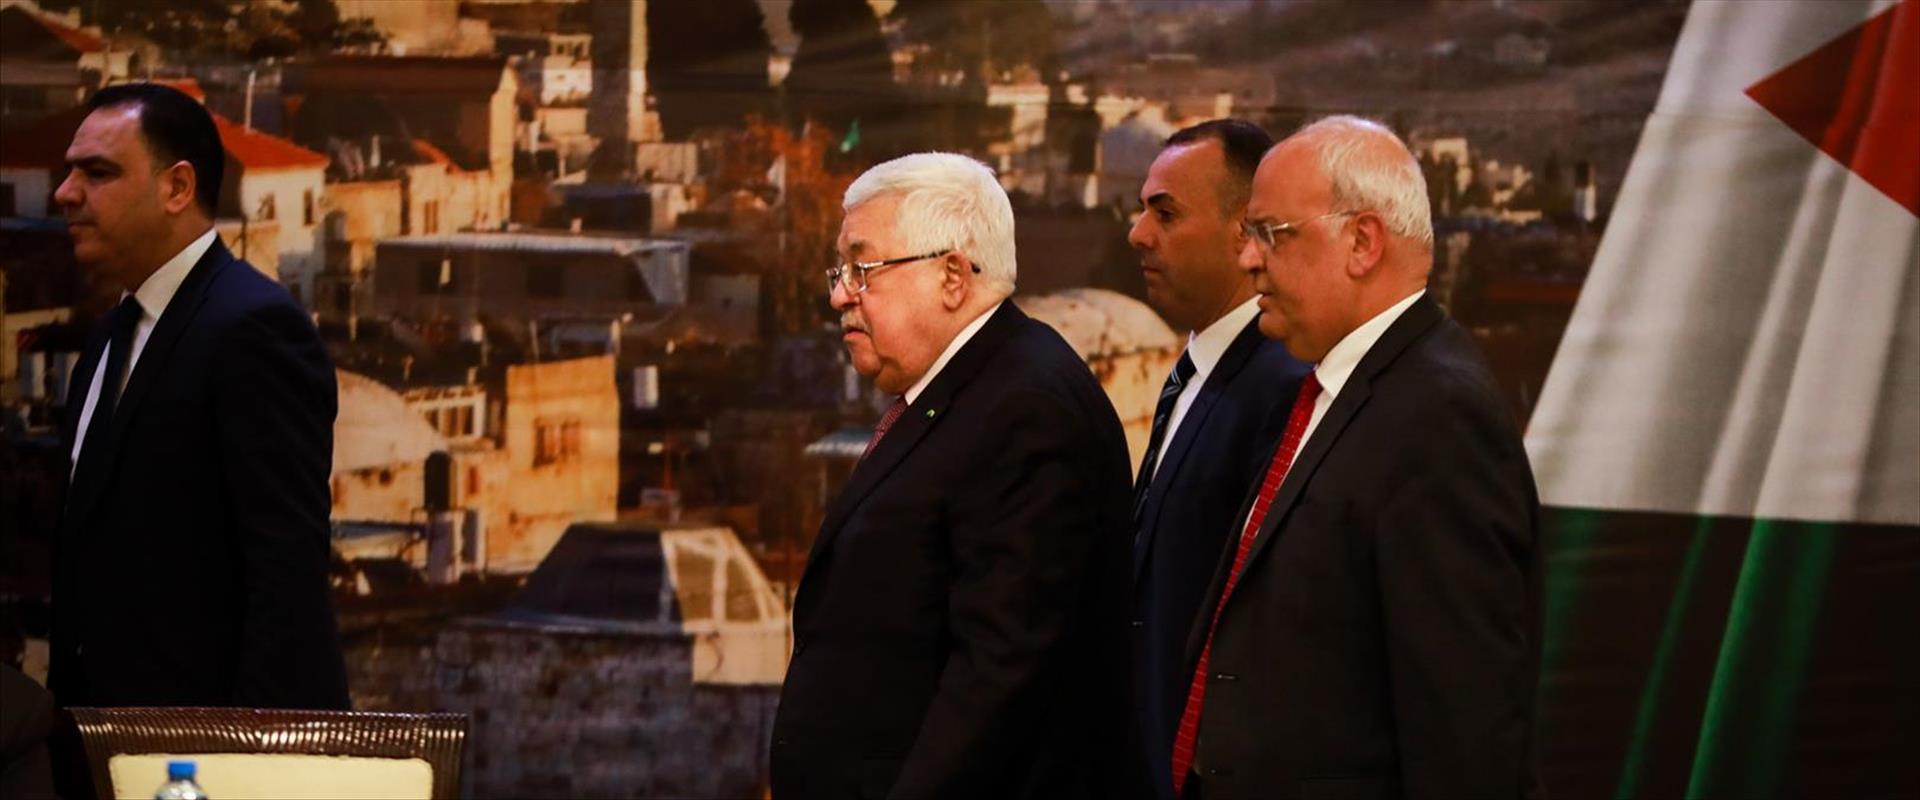 ראשי הרשות הפלסטינית